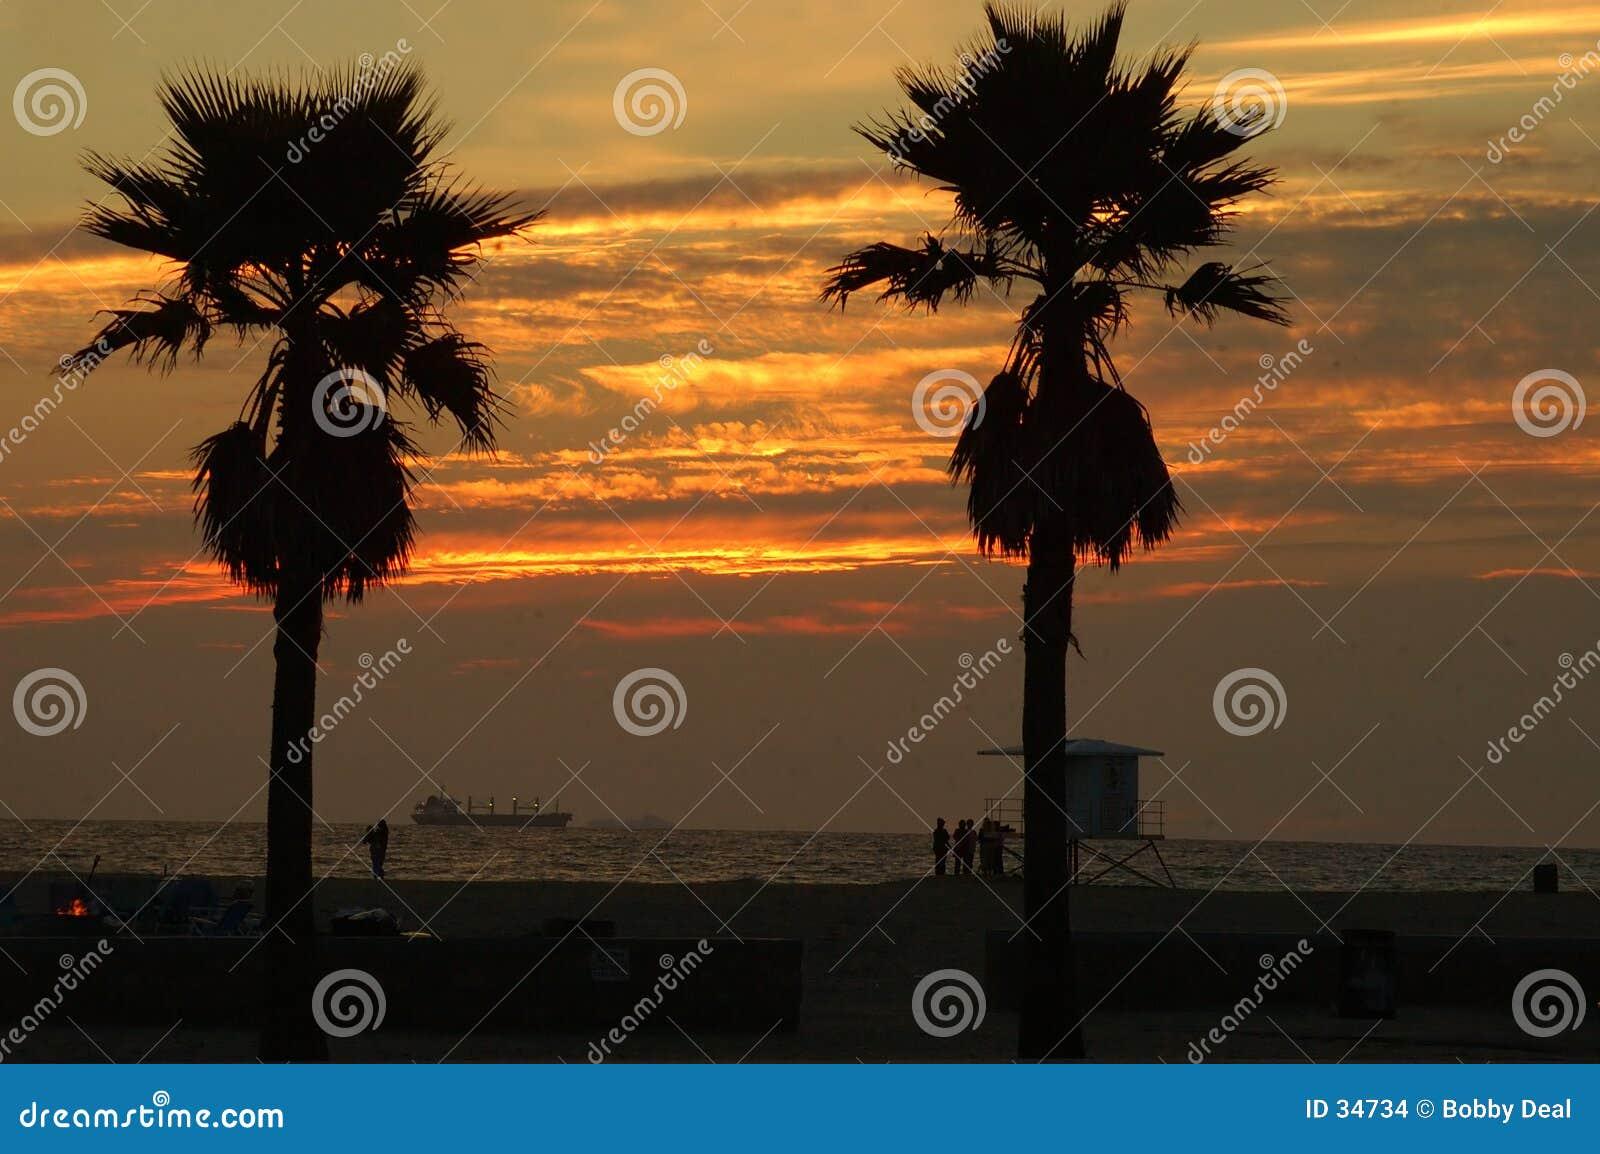 Złoto słońca żeglugi morskiej